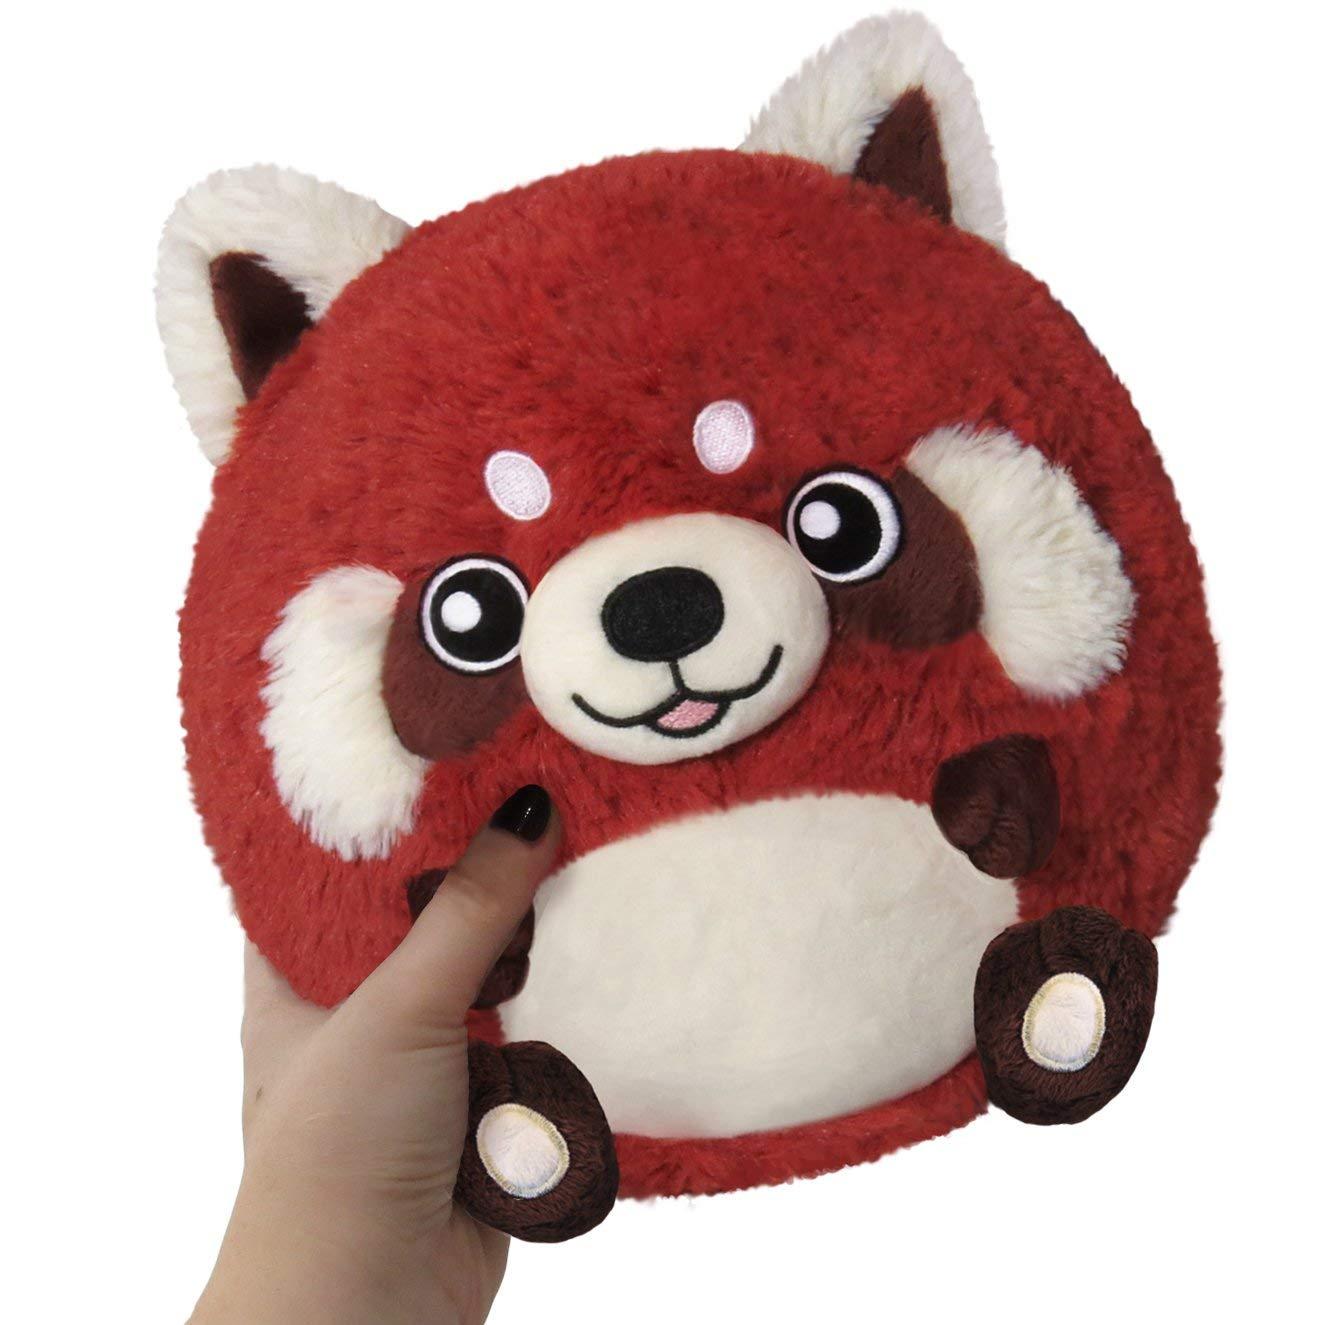 Red Panda Plush